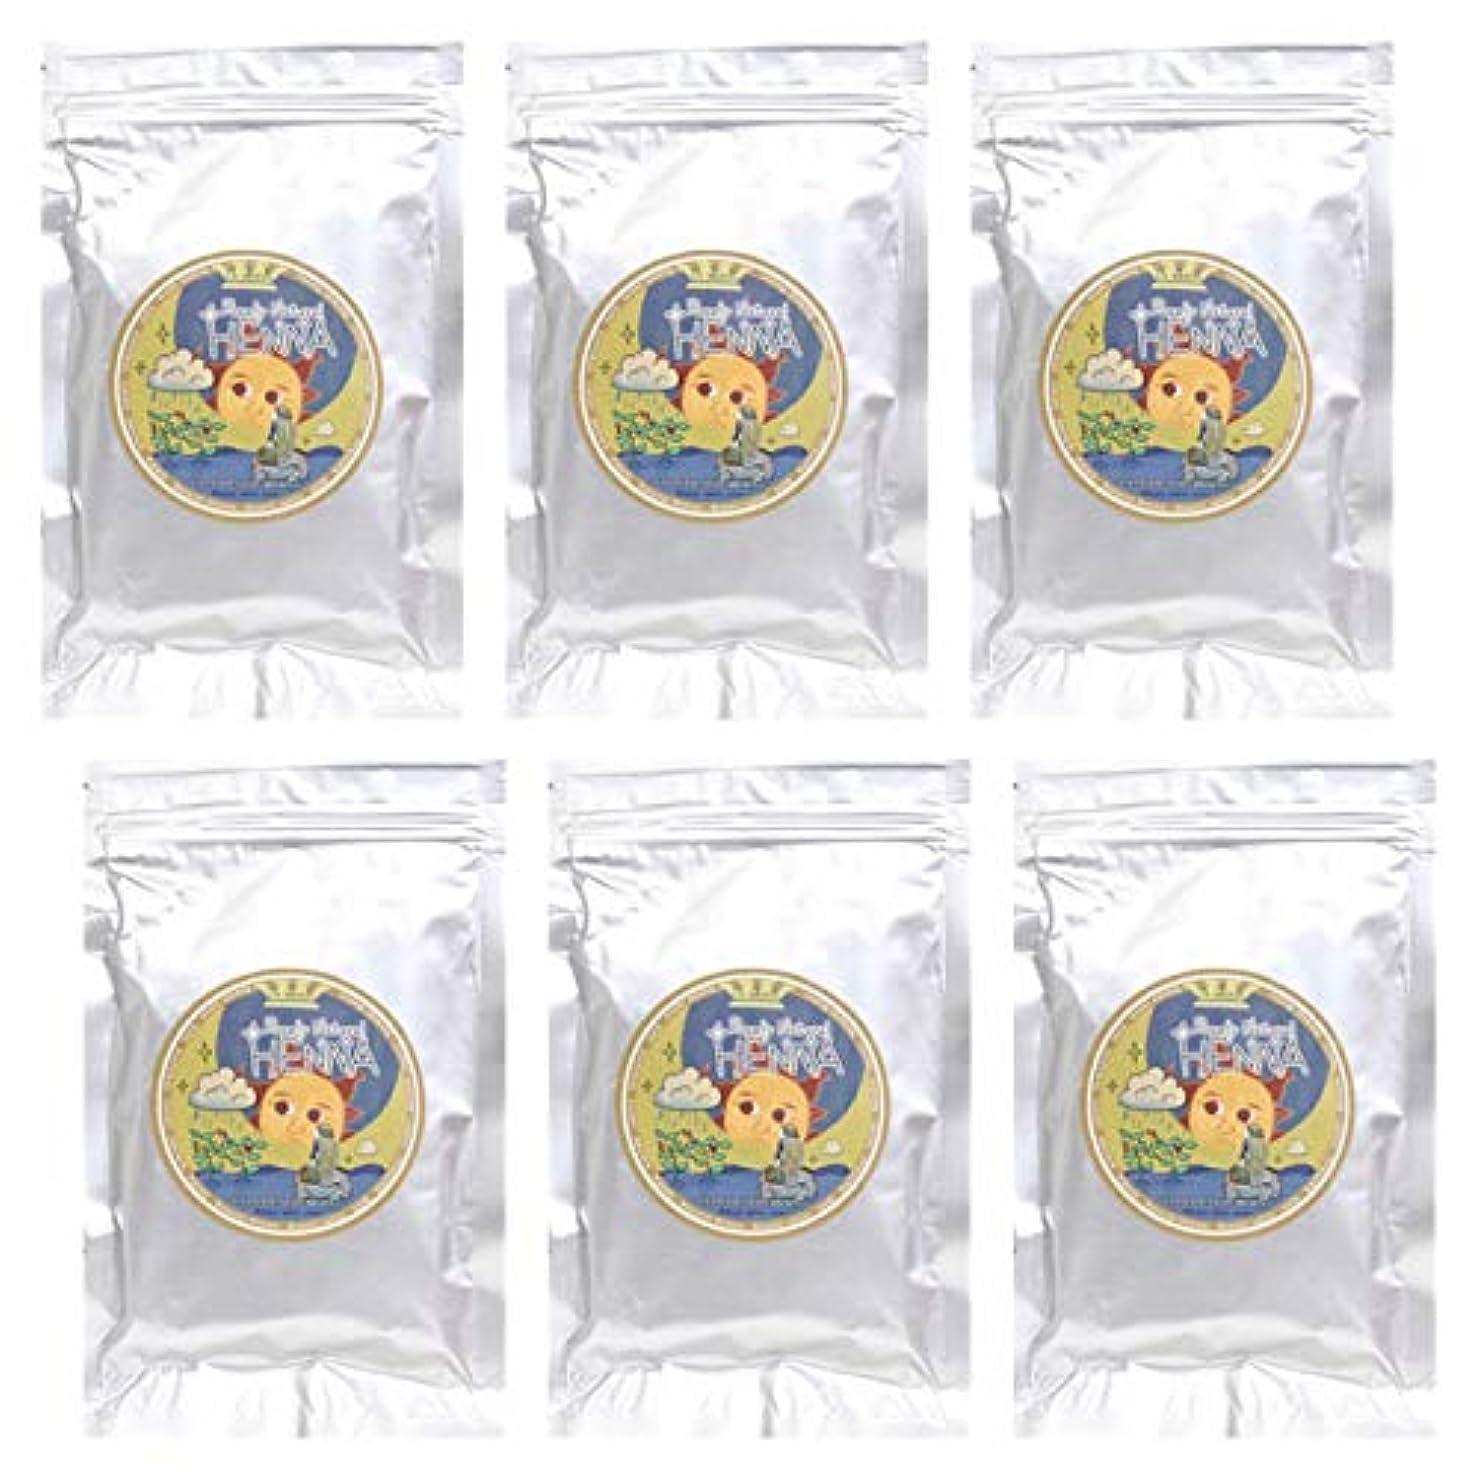 リンク知覚法的ラムーンヘナ ナチュラル ヘナ 100g×6袋セット (ナチュラルライトブラウン【6袋】)